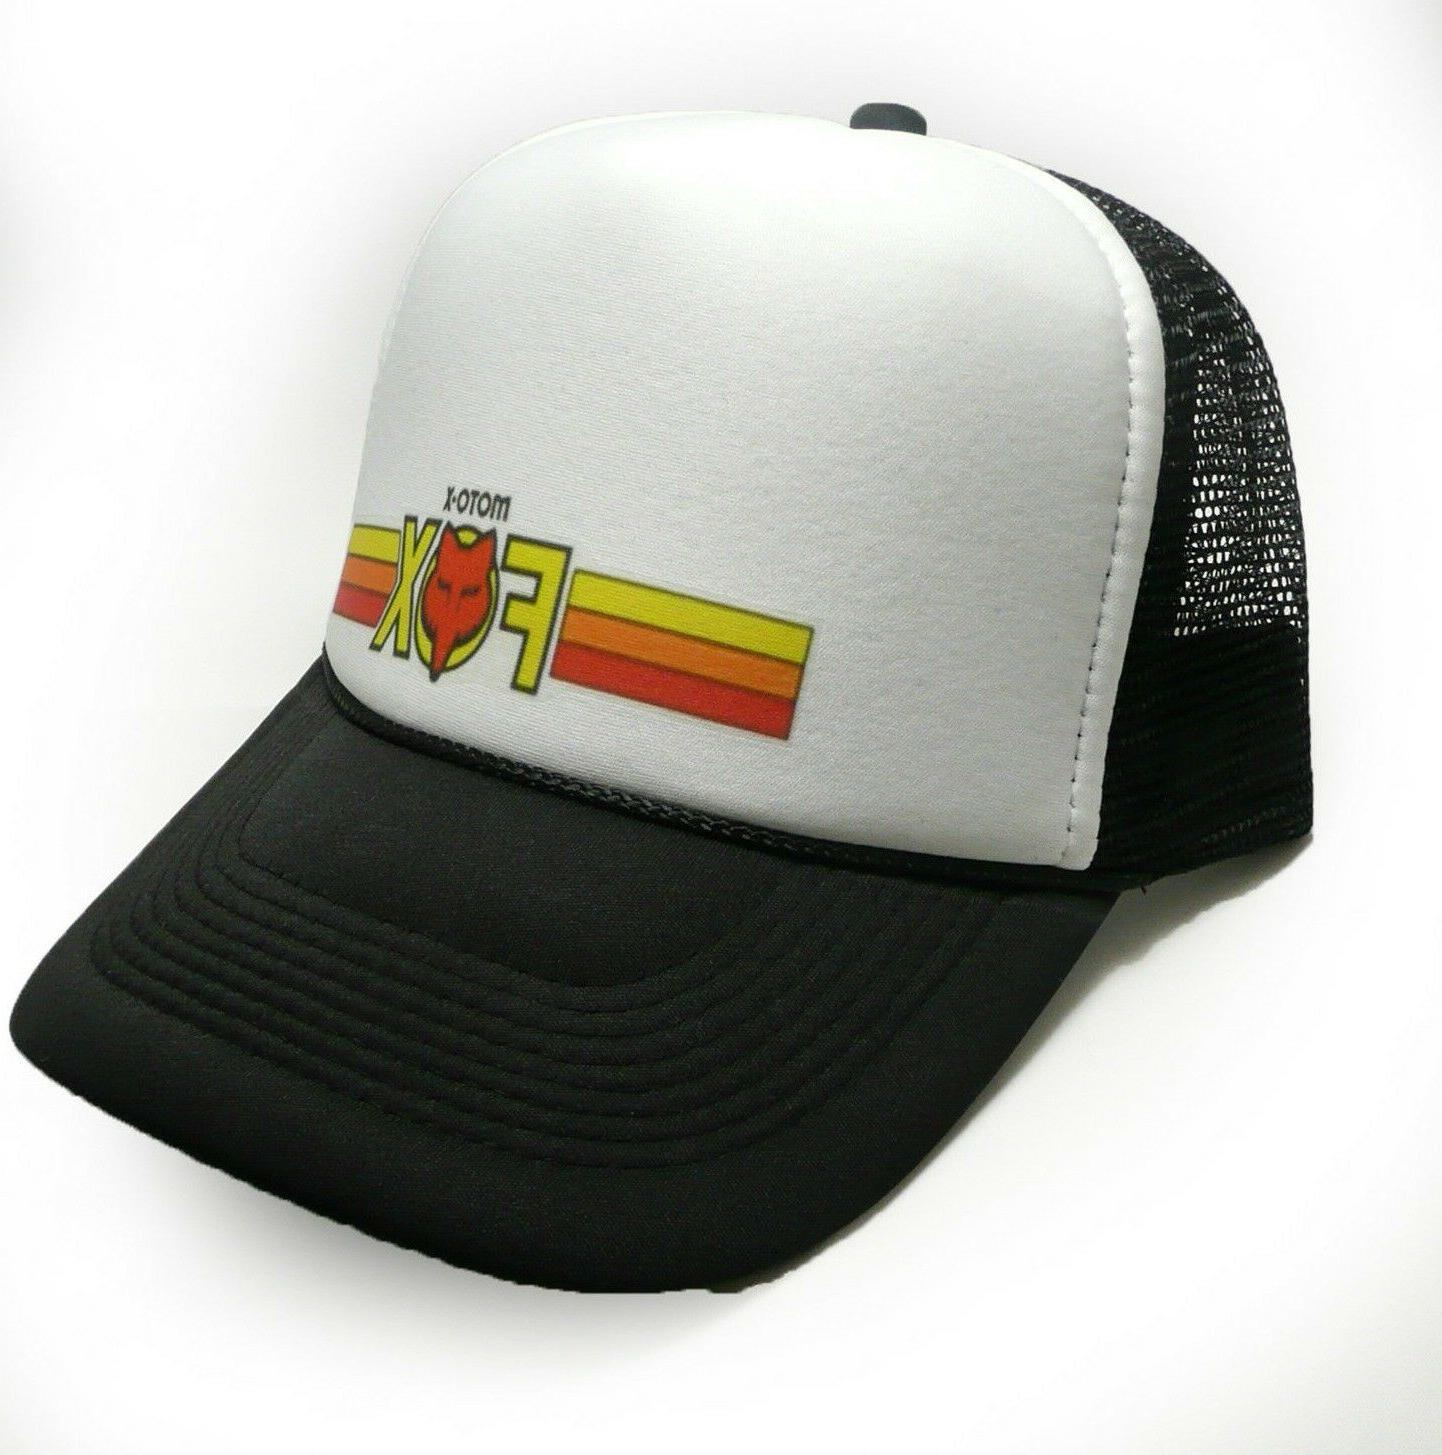 Moto-X Fox trucker Vintage Snap Cap new adjustable racing hat